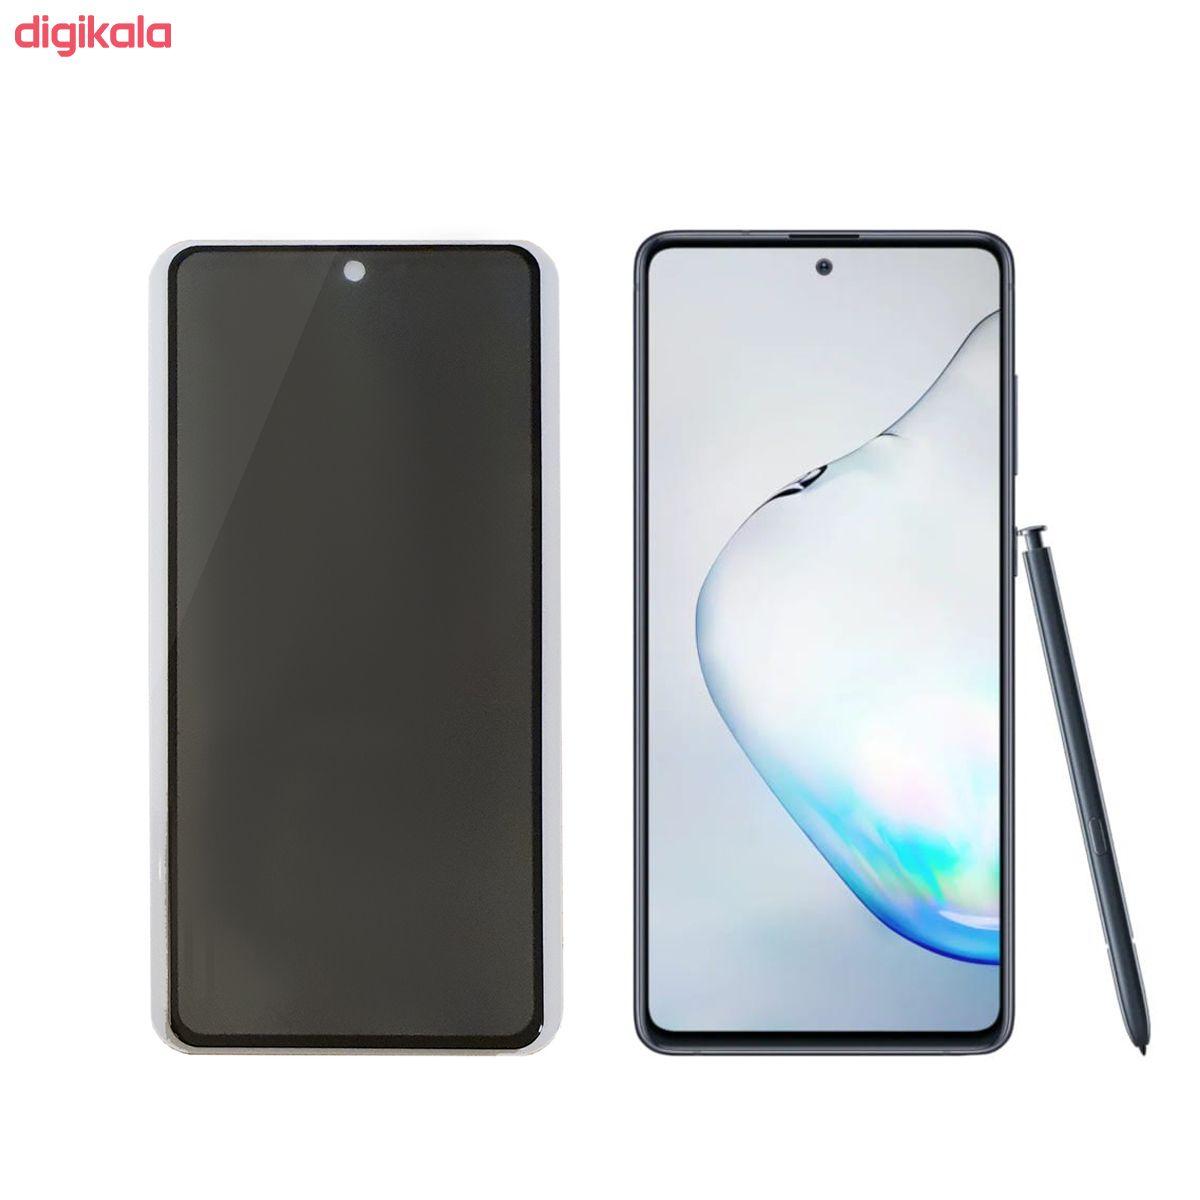 محافظ صفحه نمایش حریم شخصی مدل PR03st مناسب برای گوشی موبایل سامسونگ Galaxy Note 10 lite